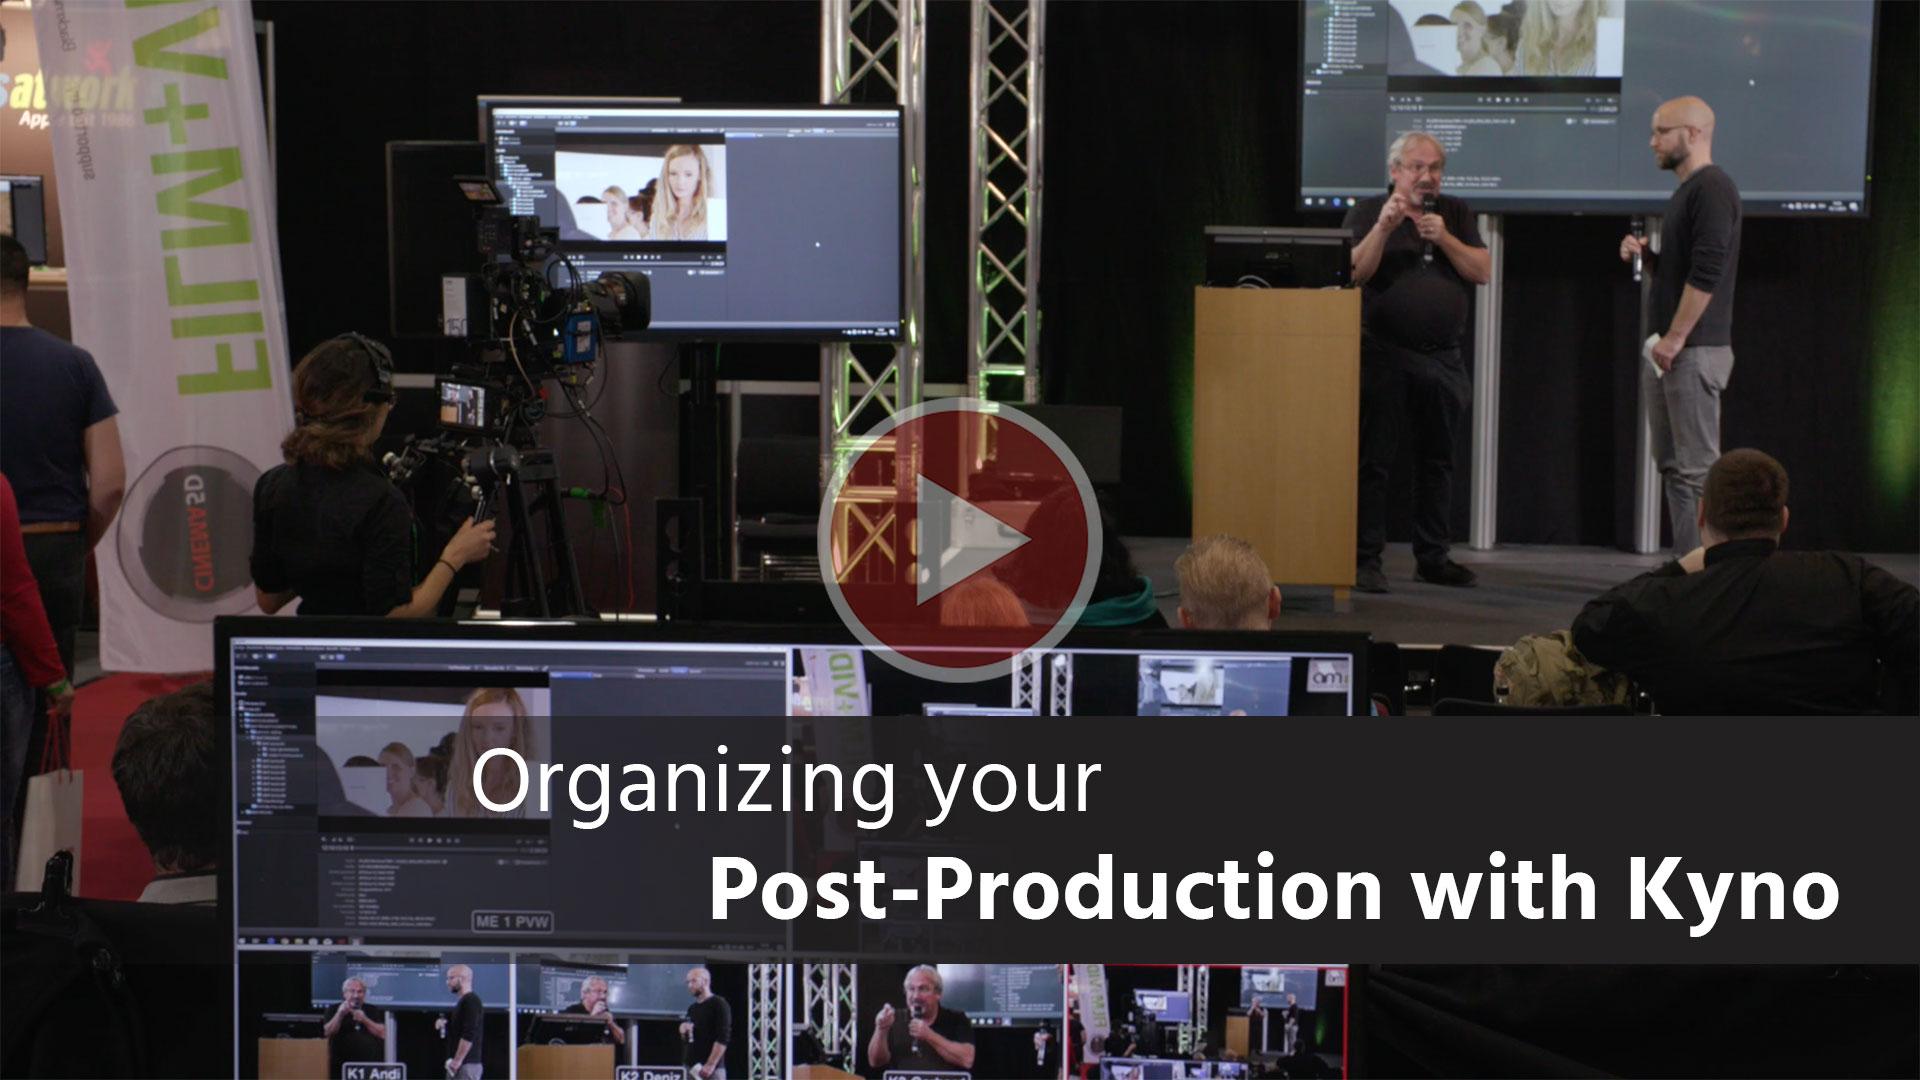 Taller de Kyno: organizando el flujo de trabajo en postproducción (descuento incluido)